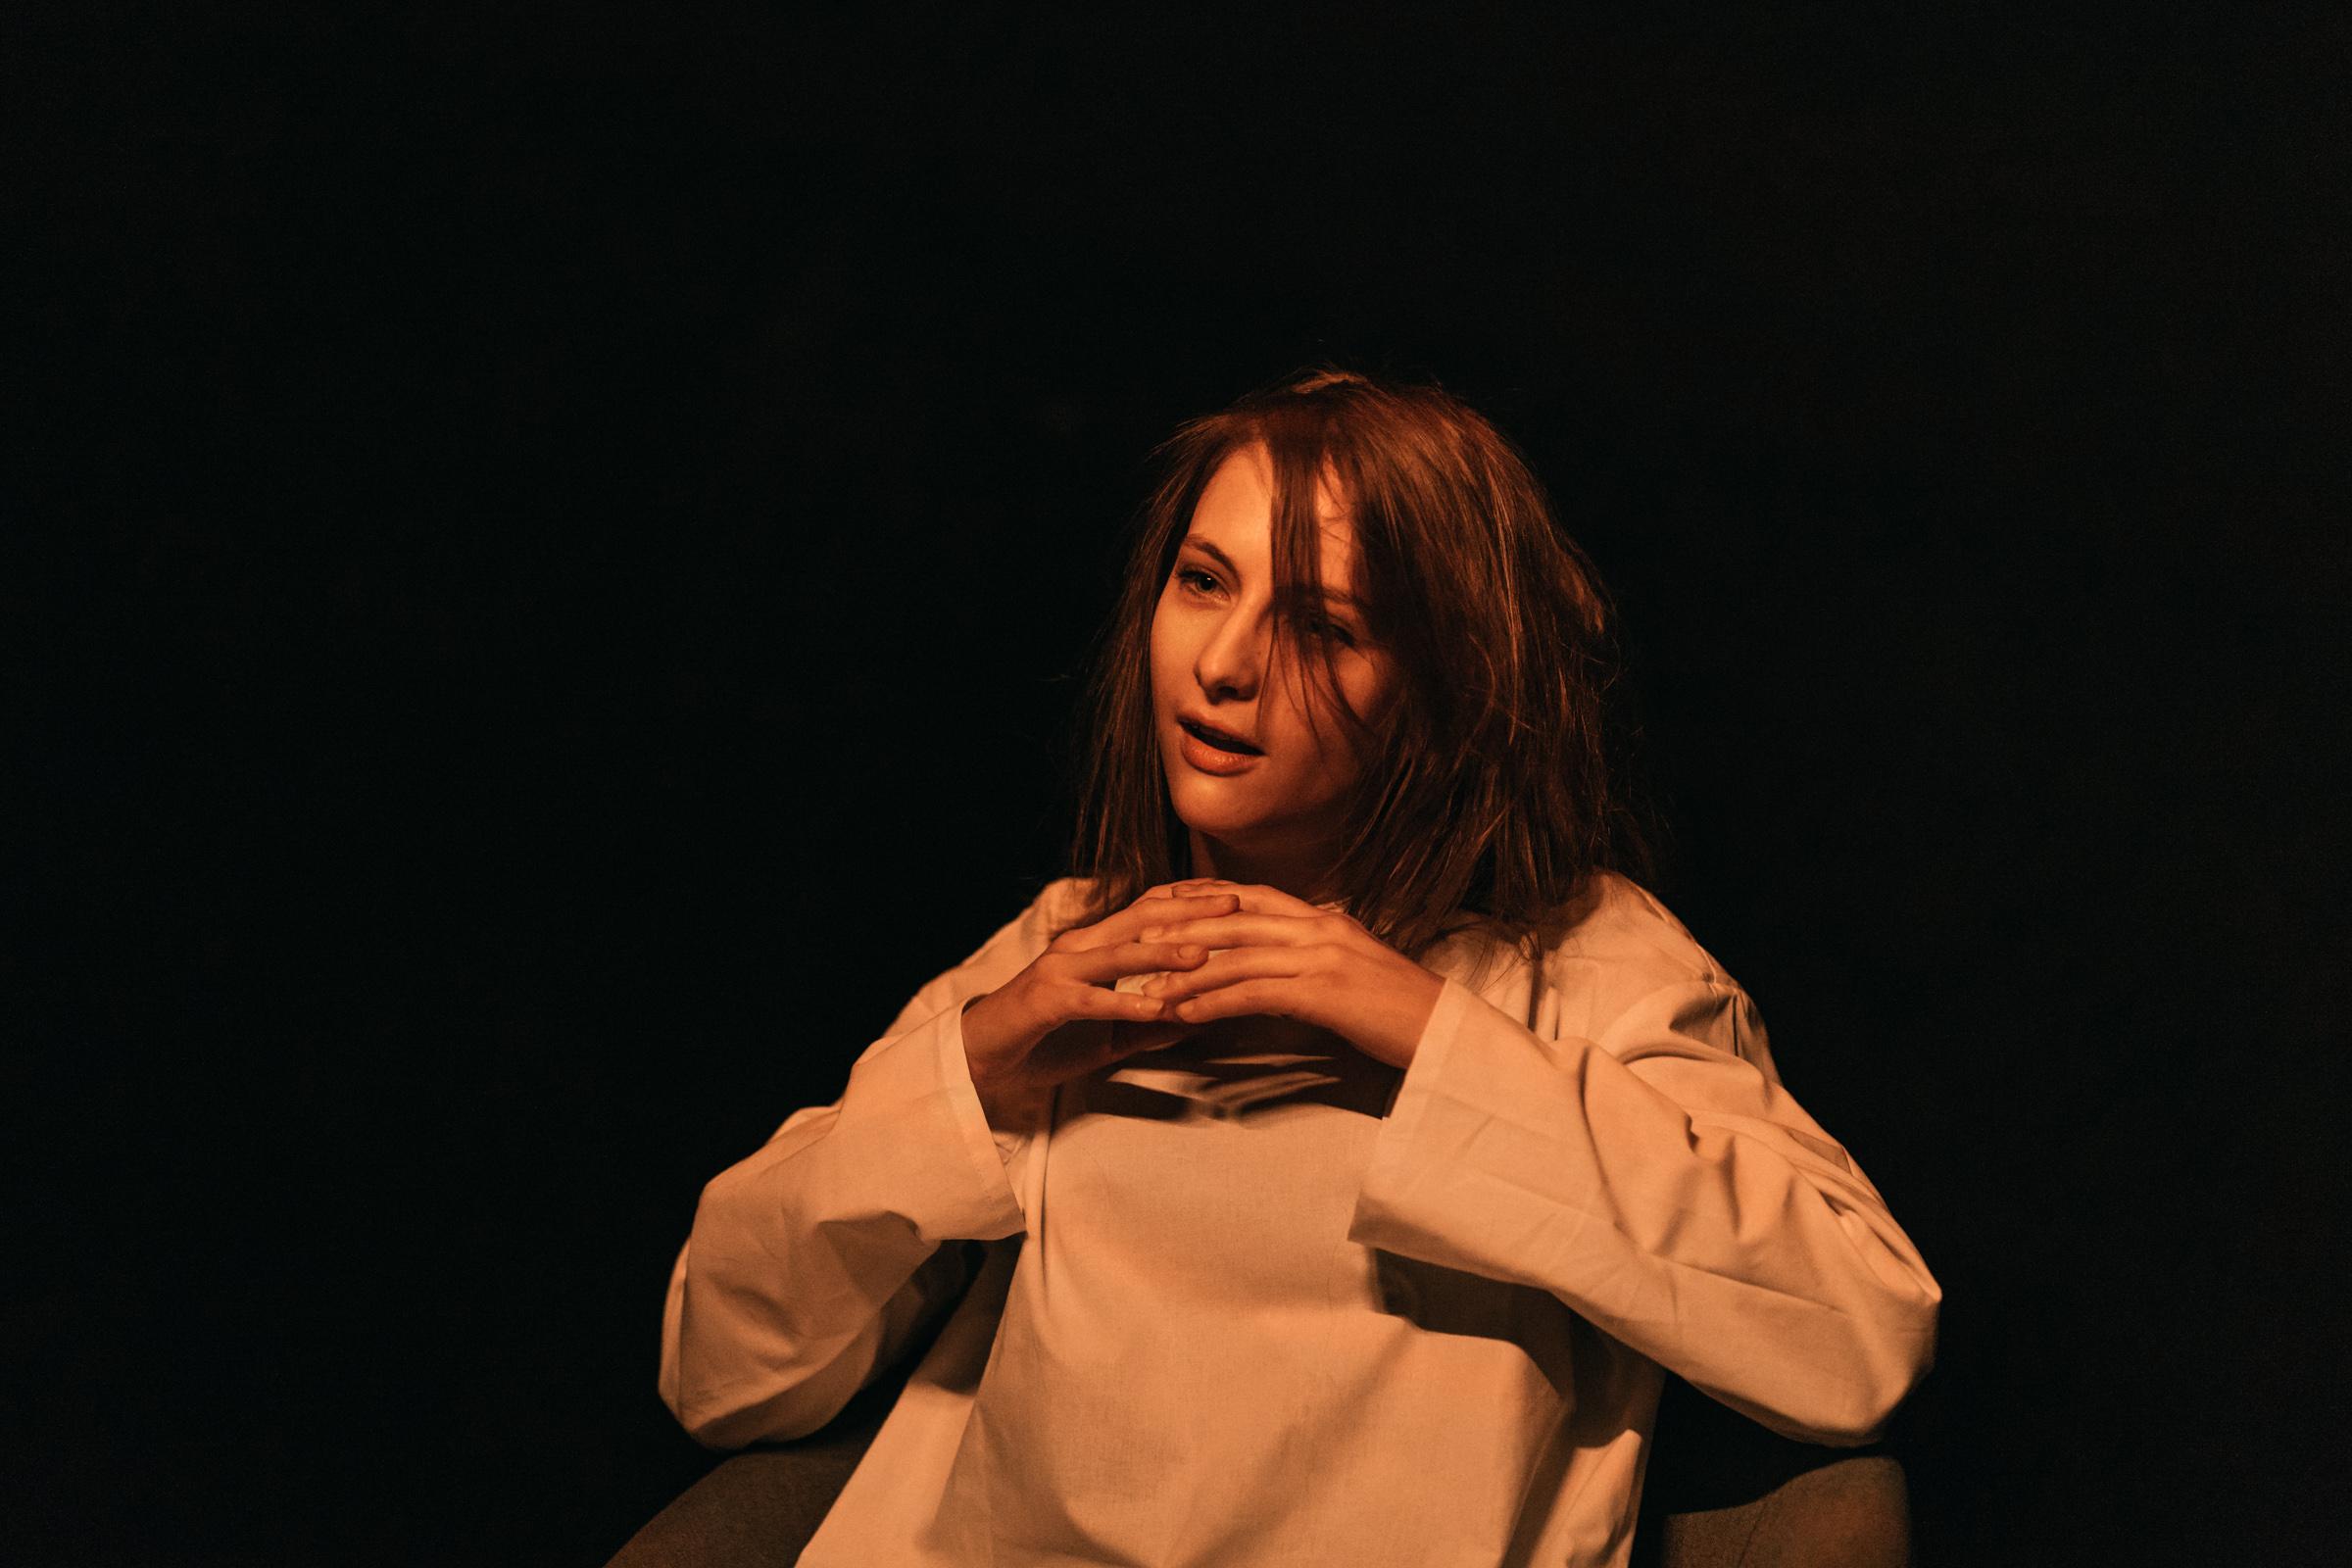 Lasvit_Traces_Katarína Fulínová & Kateřina Handlová_10.jpg